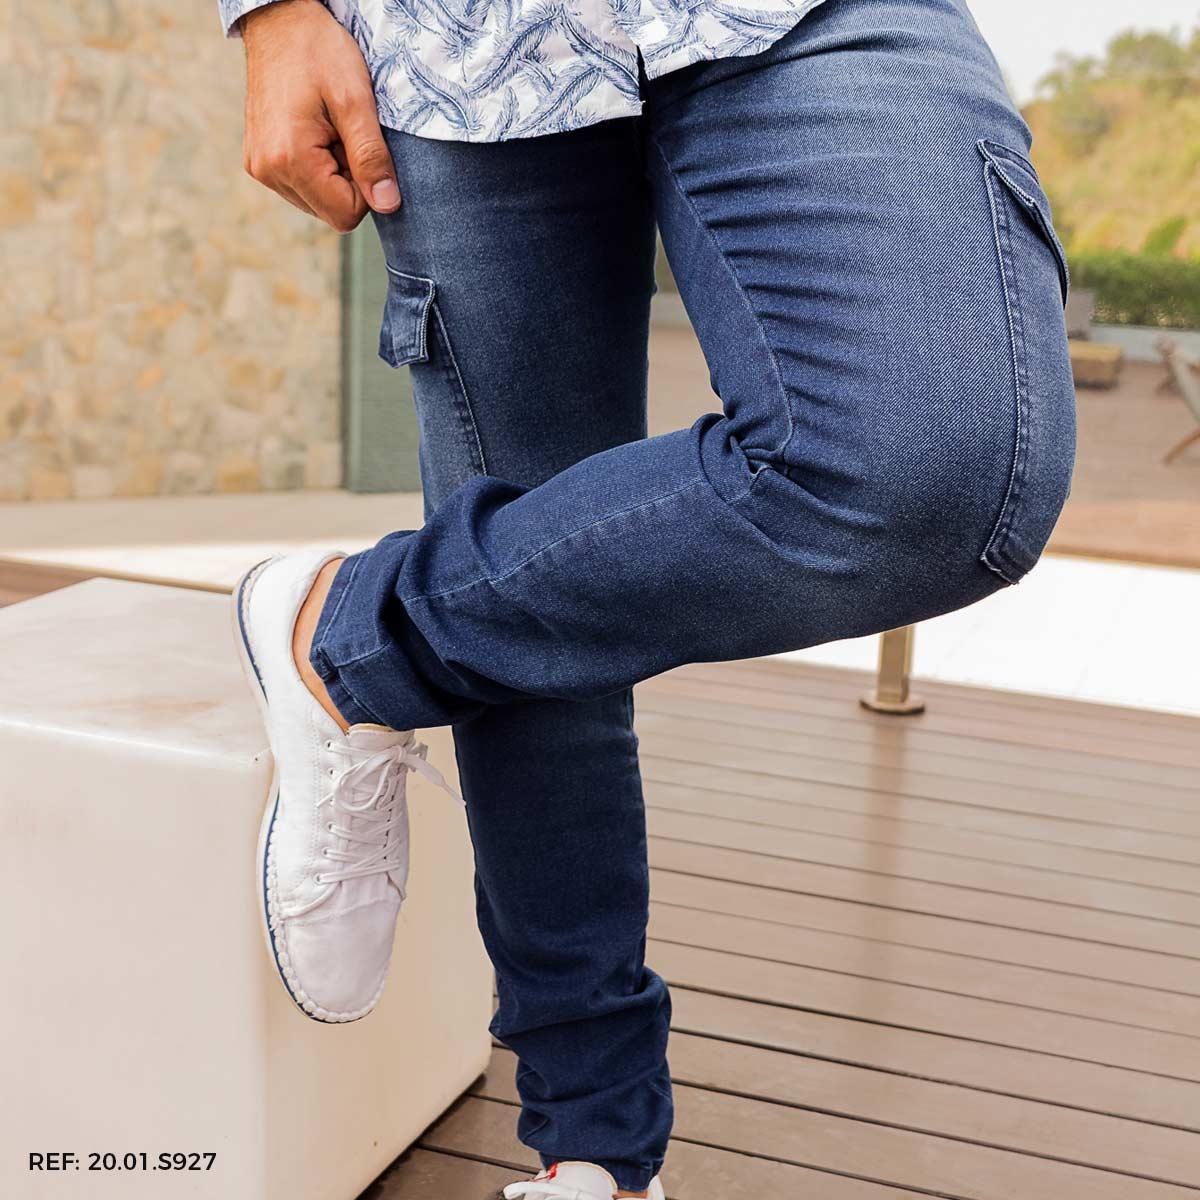 Calça masculina sport fino utilitária